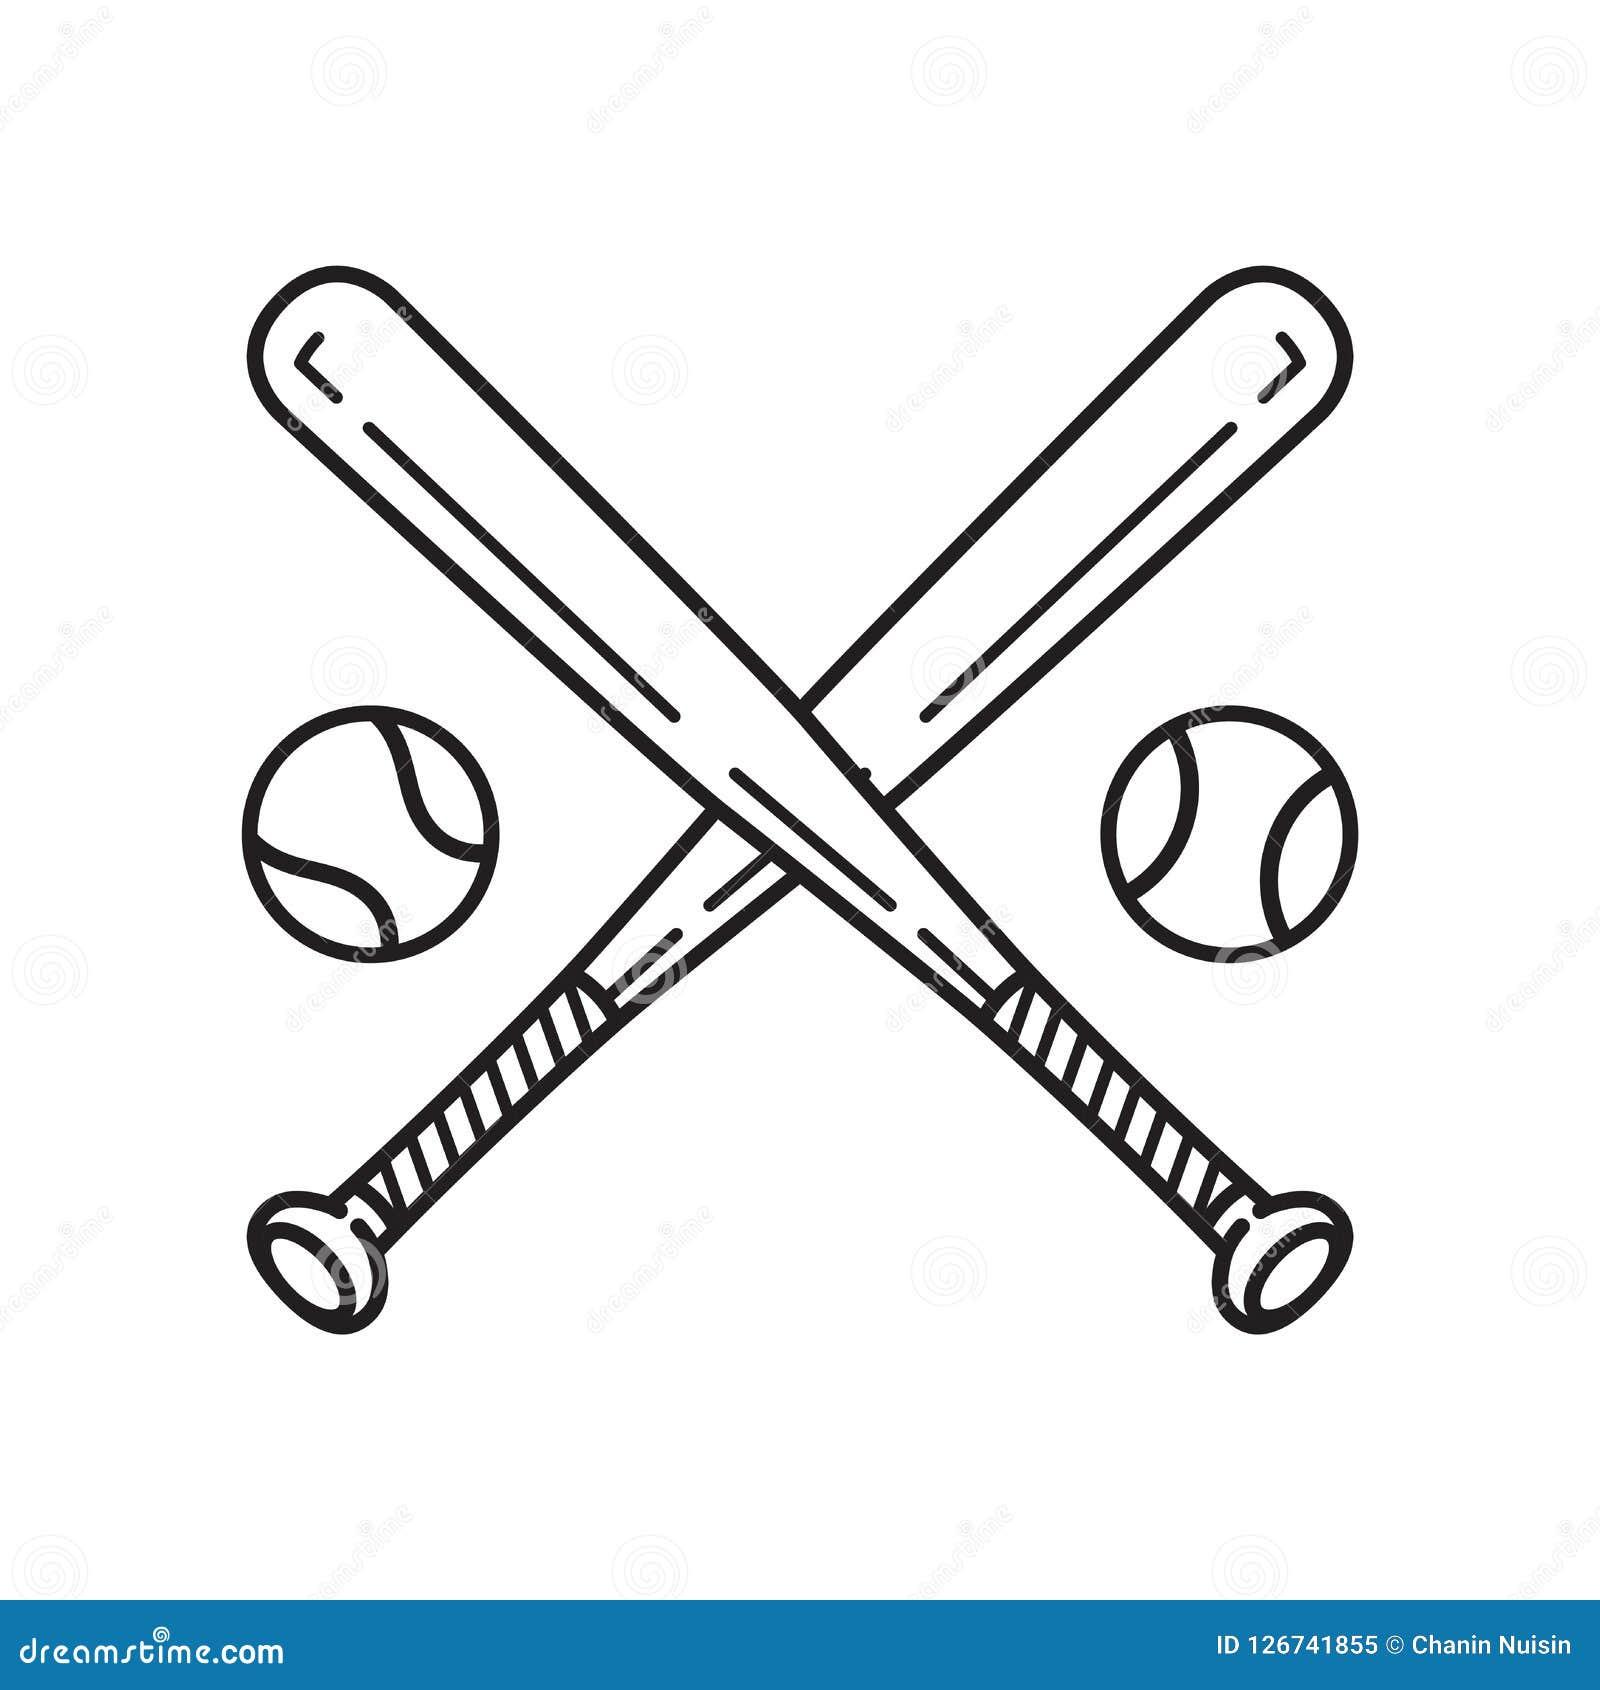 Clipart do símbolo da ilustração dos desenhos animados do bastão de beisebol do logotipo do ícone do vetor do basebol